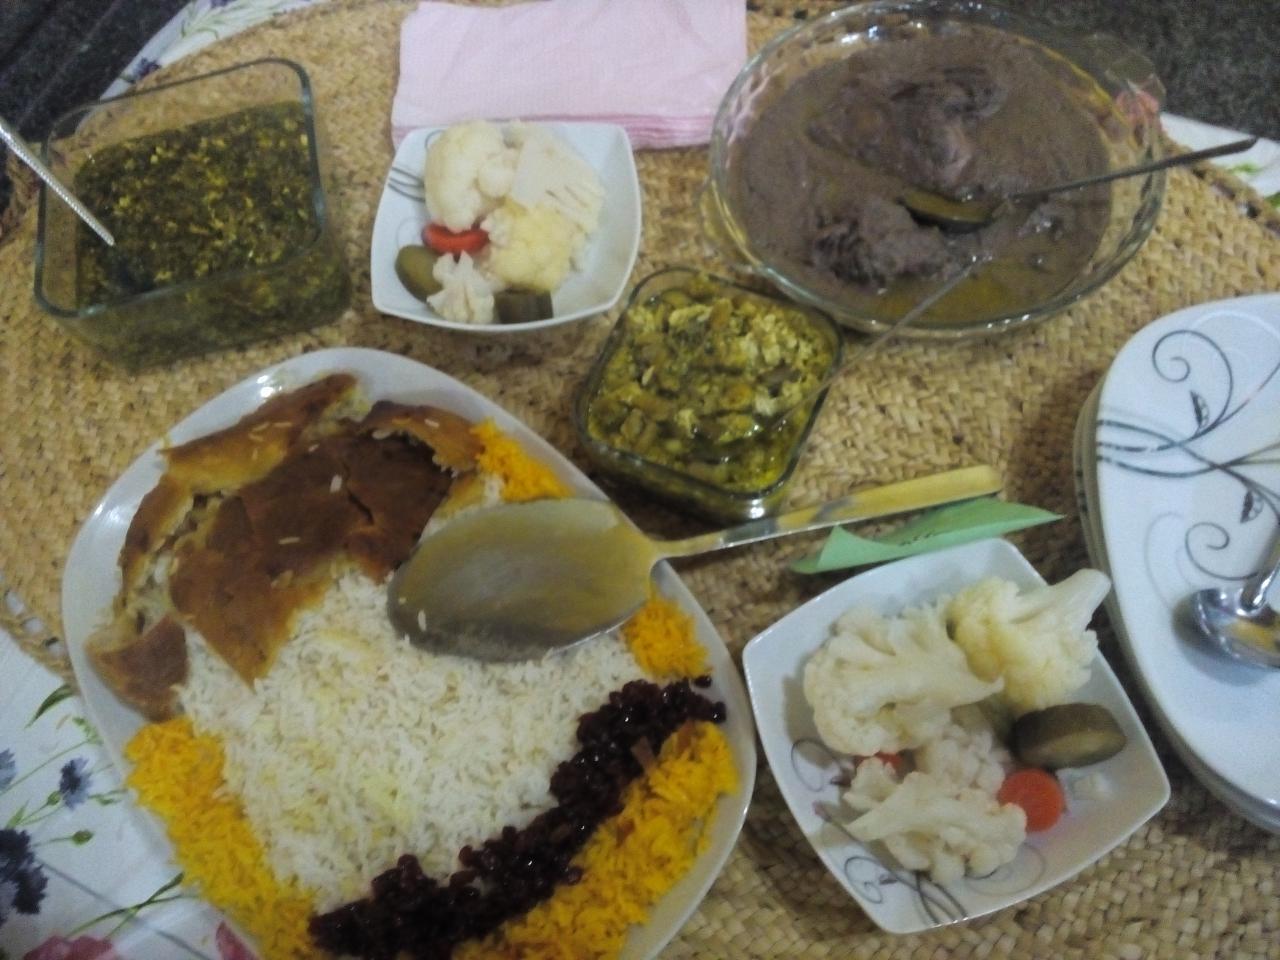 جشنوارههای غذاهای محلی گیلان نقش مهمی در زنده نگهداشتن بافت سنتی غذاهای محلی است